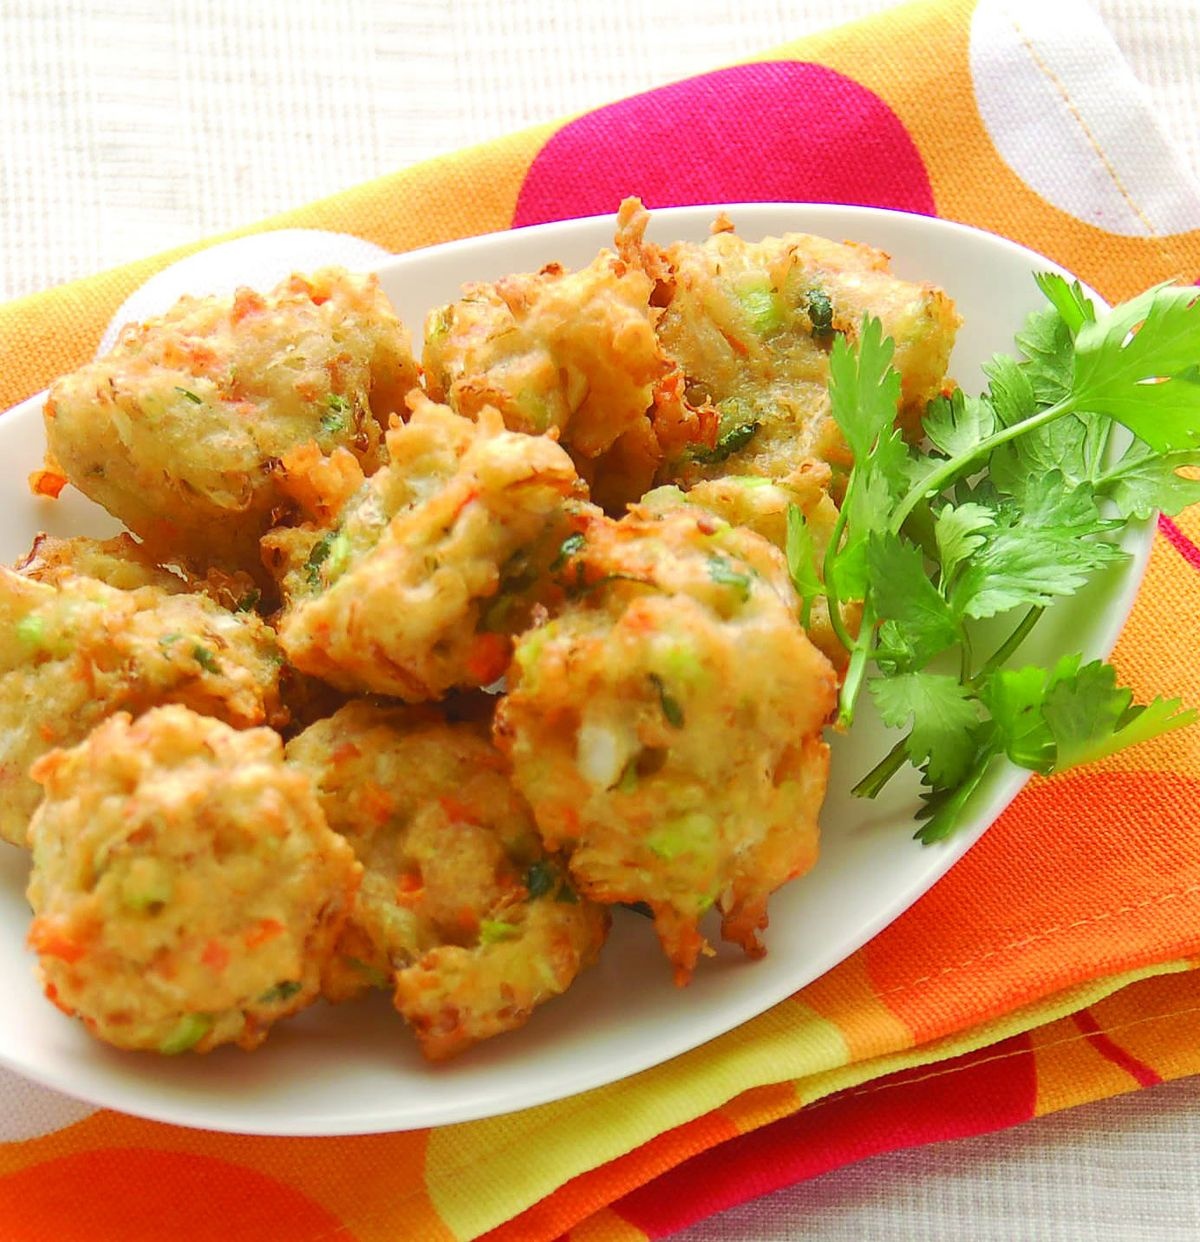 食譜:蔬菜小丸子